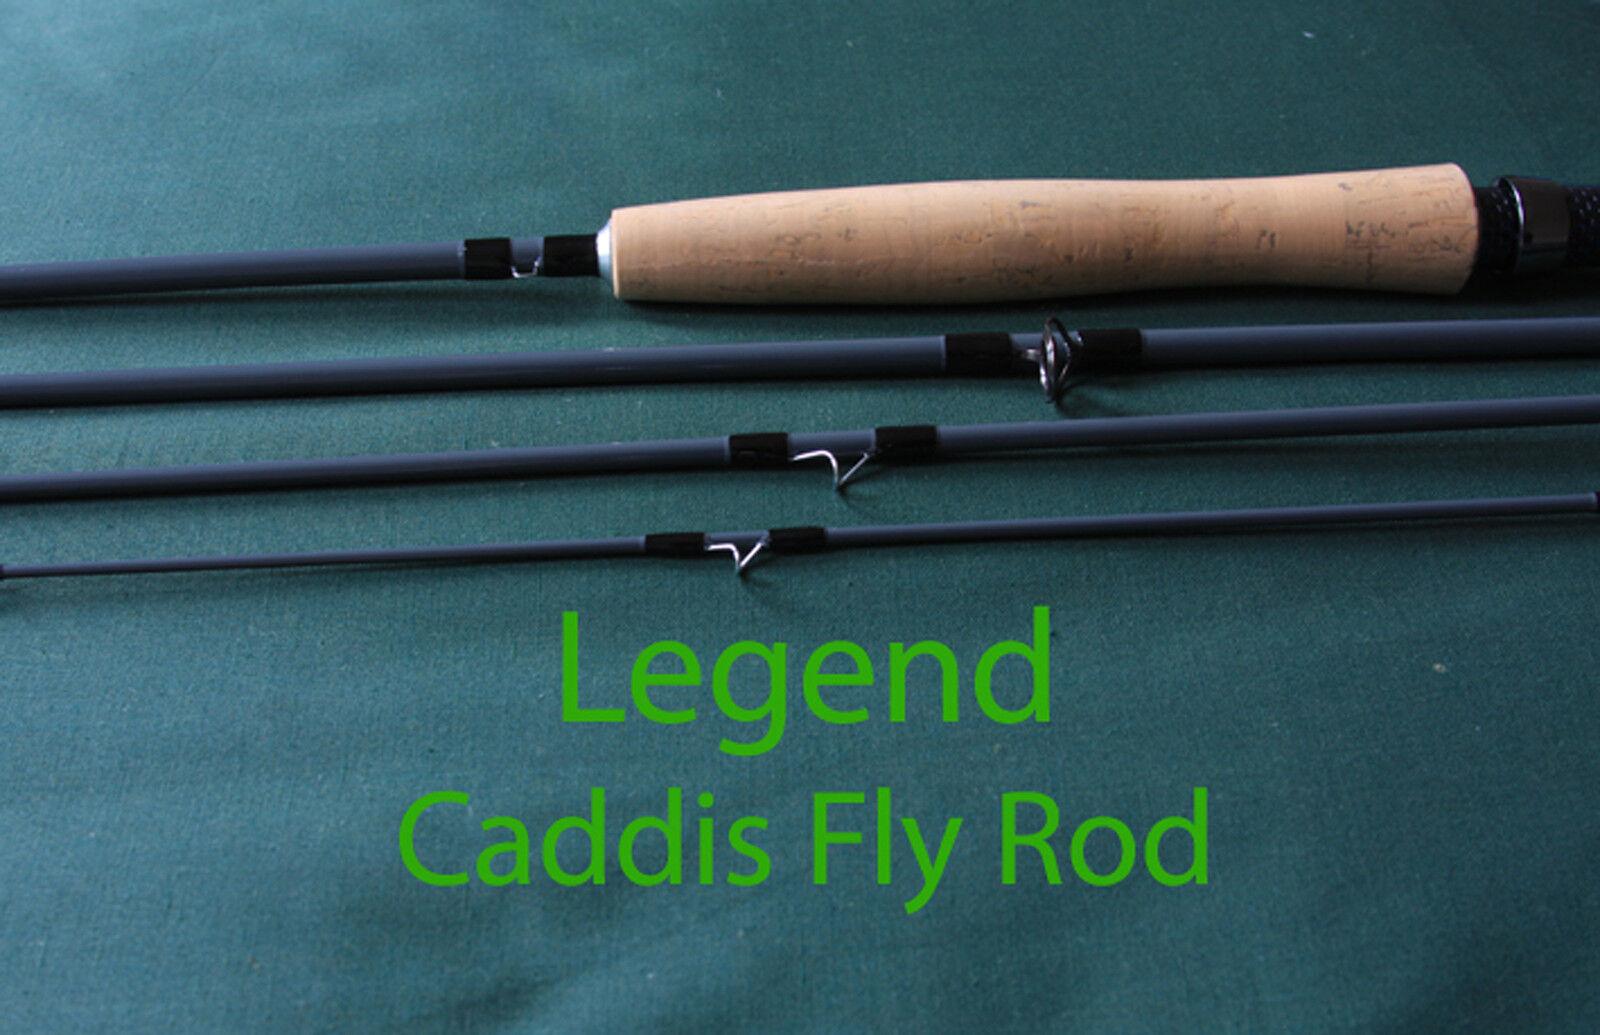 FLY asta legenda Caddis 8 & 9ft 4 barre di sezione FLYborsa TUBE & Garanzia a Vita